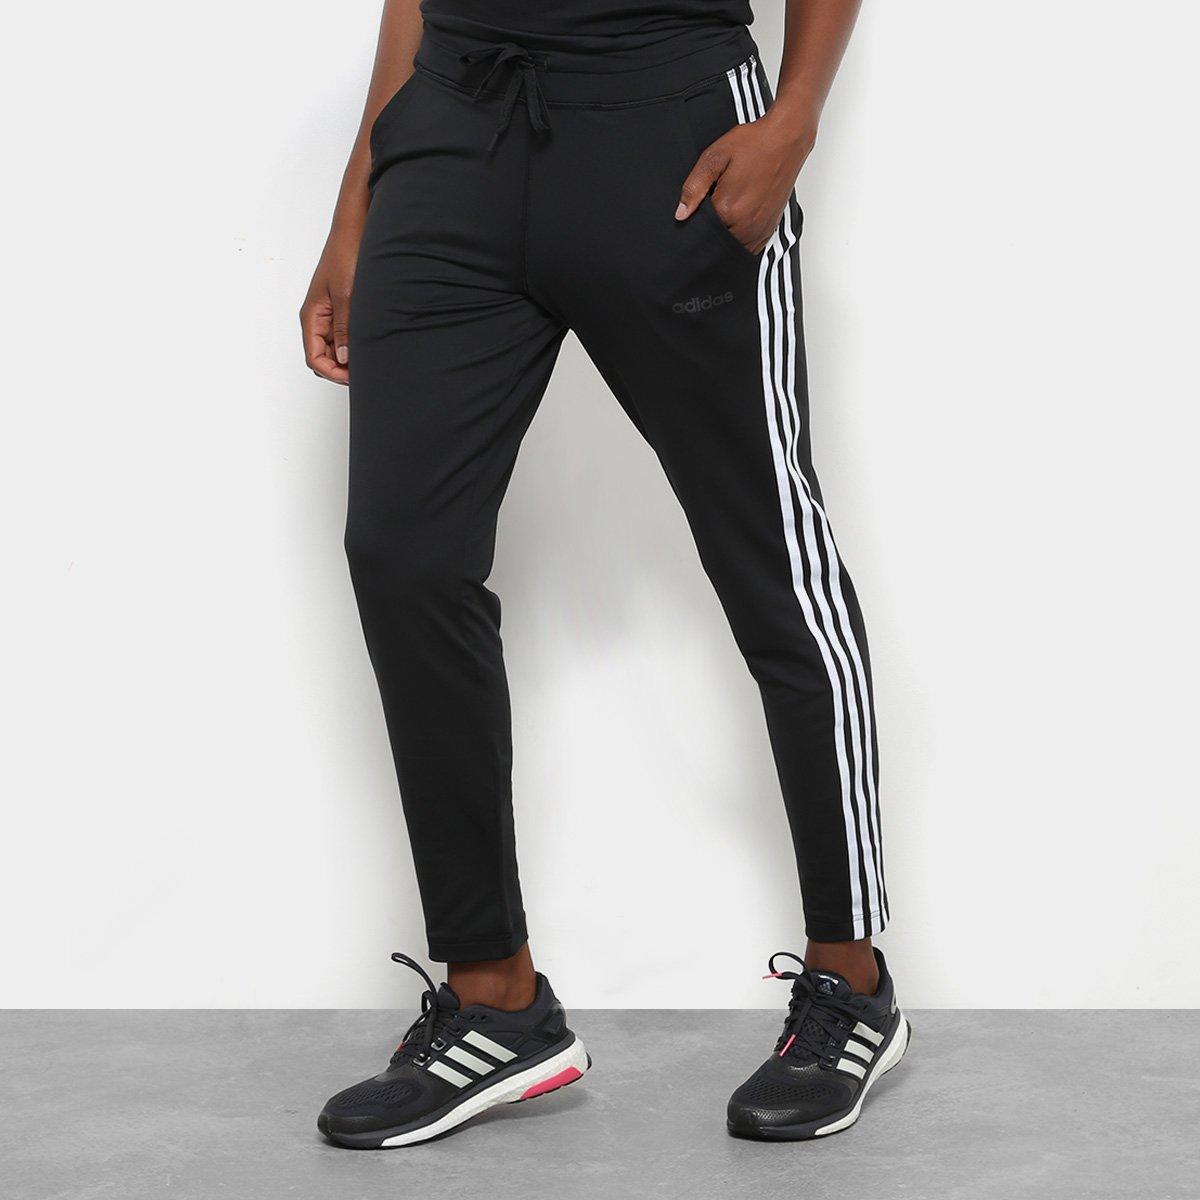 b00e25934 Calça Legging Adidas D2M Climalite 3 Stripes Feminina